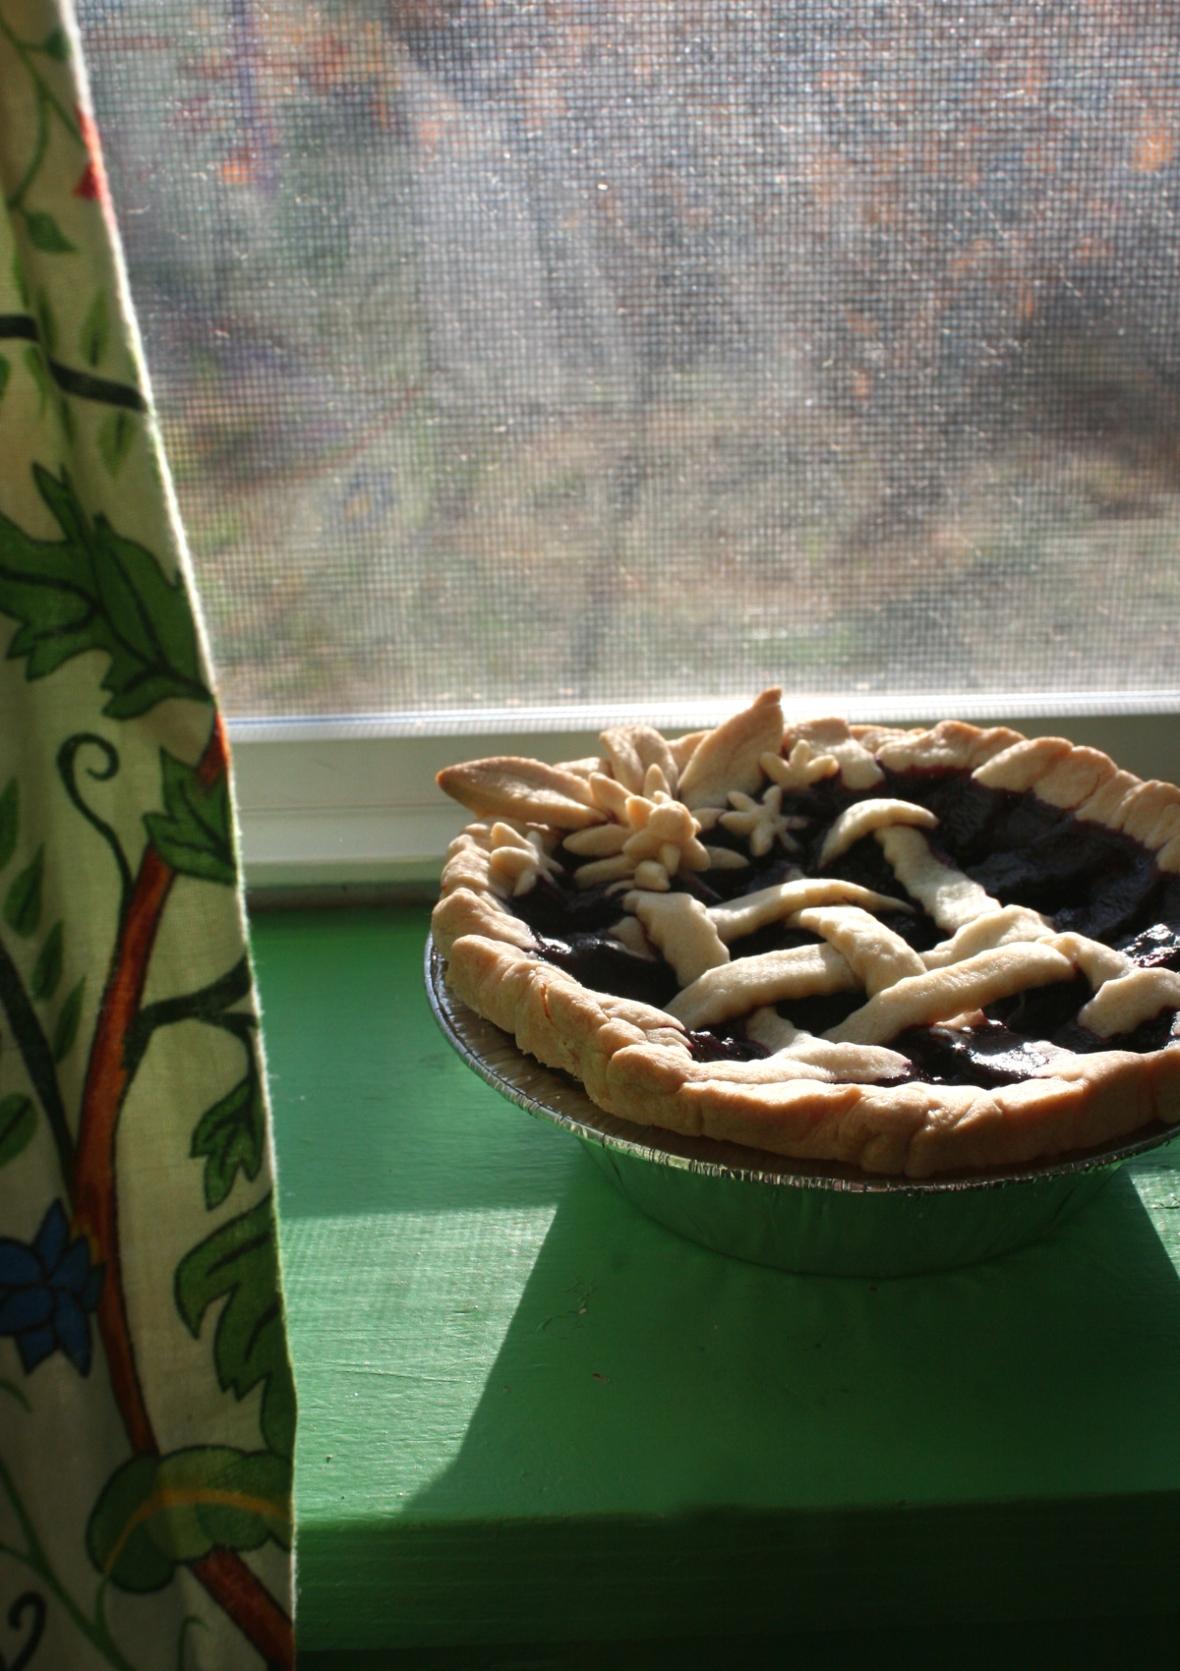 pie on windowsill